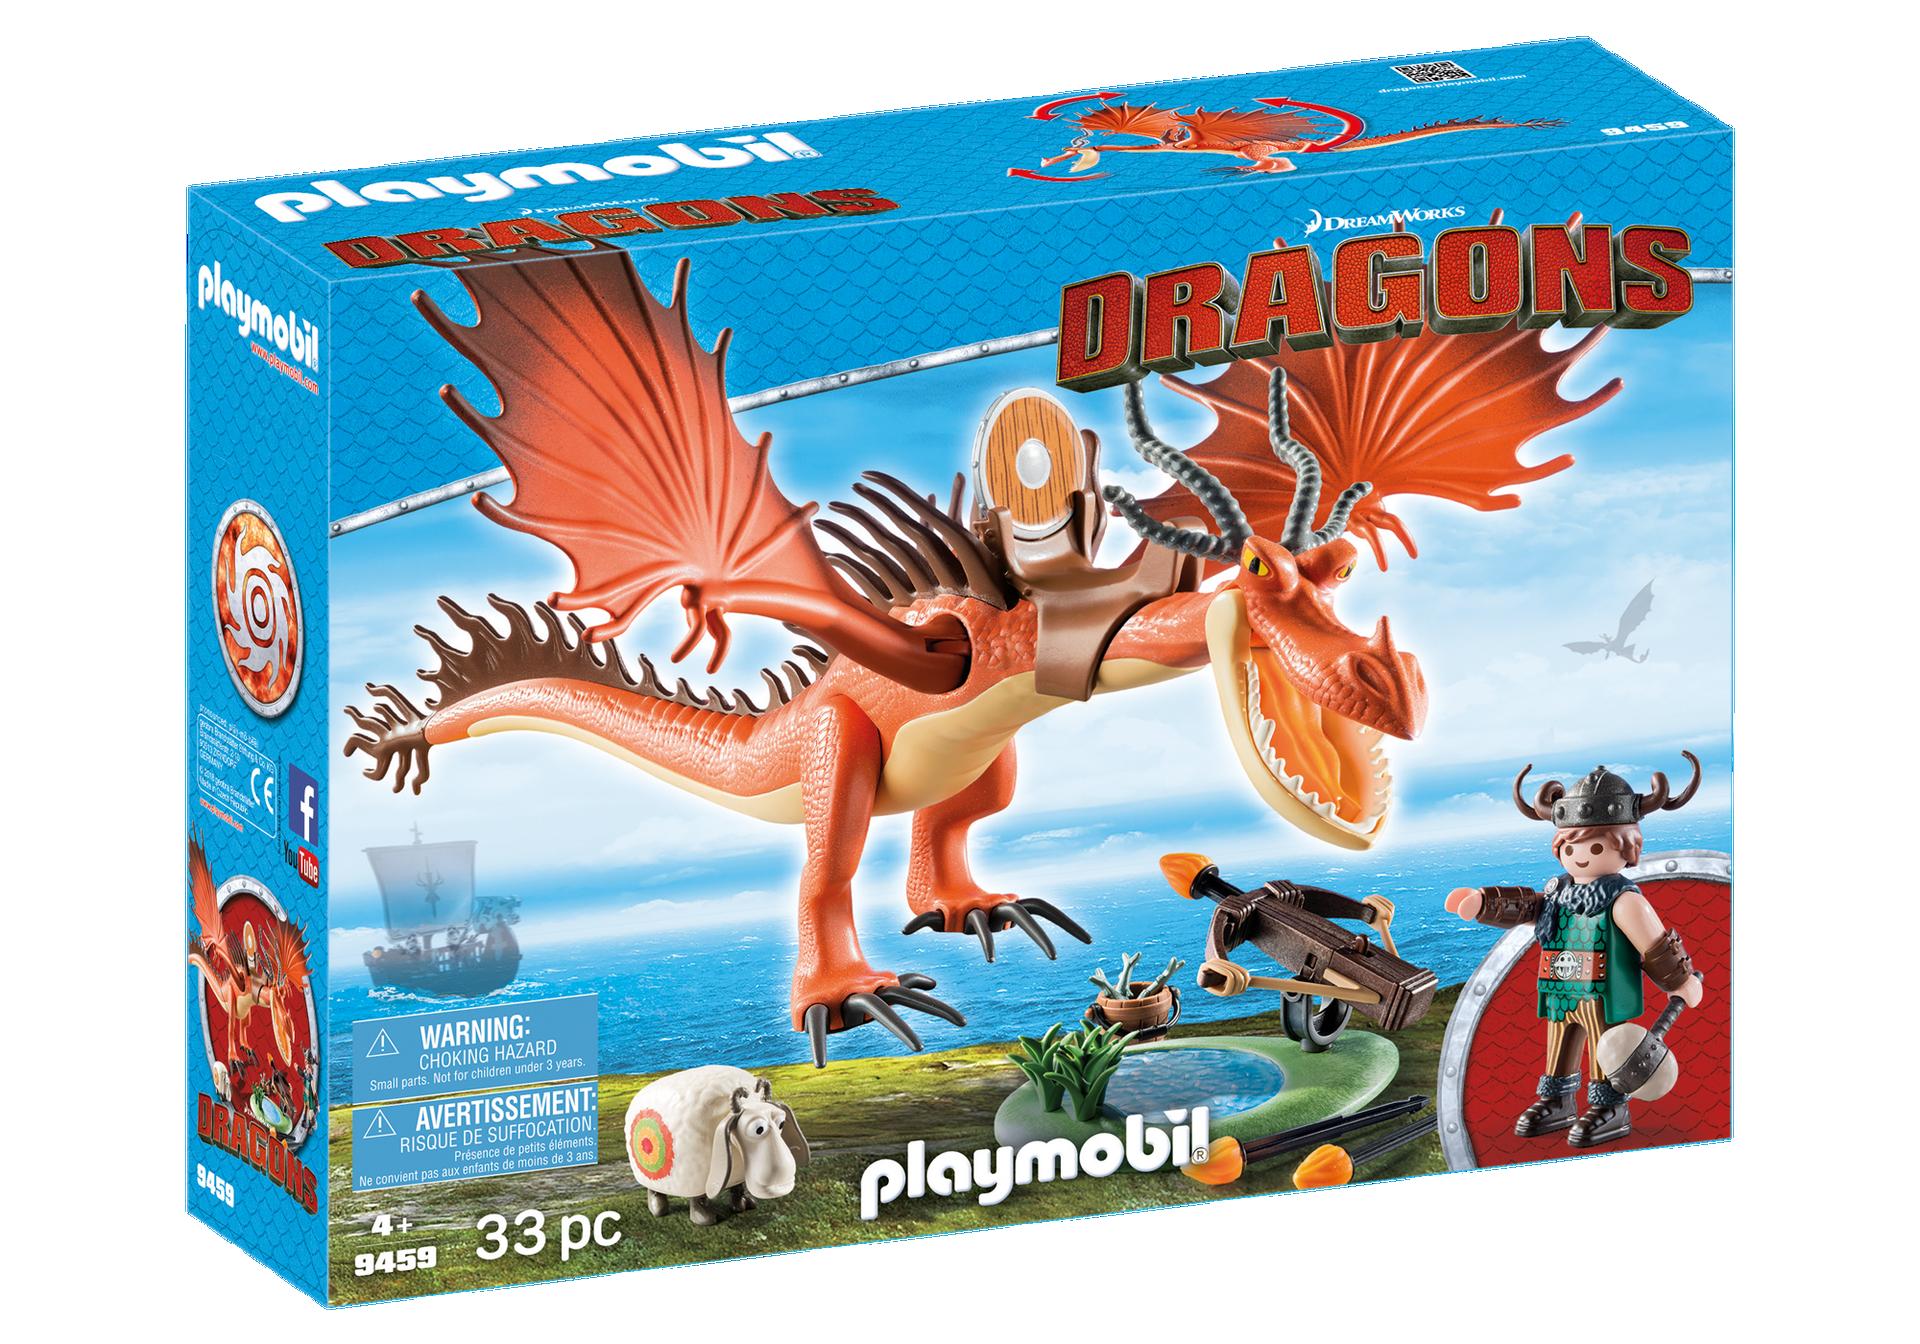 Playmobil - Dragons - Snotlout and Hookfang (9459)